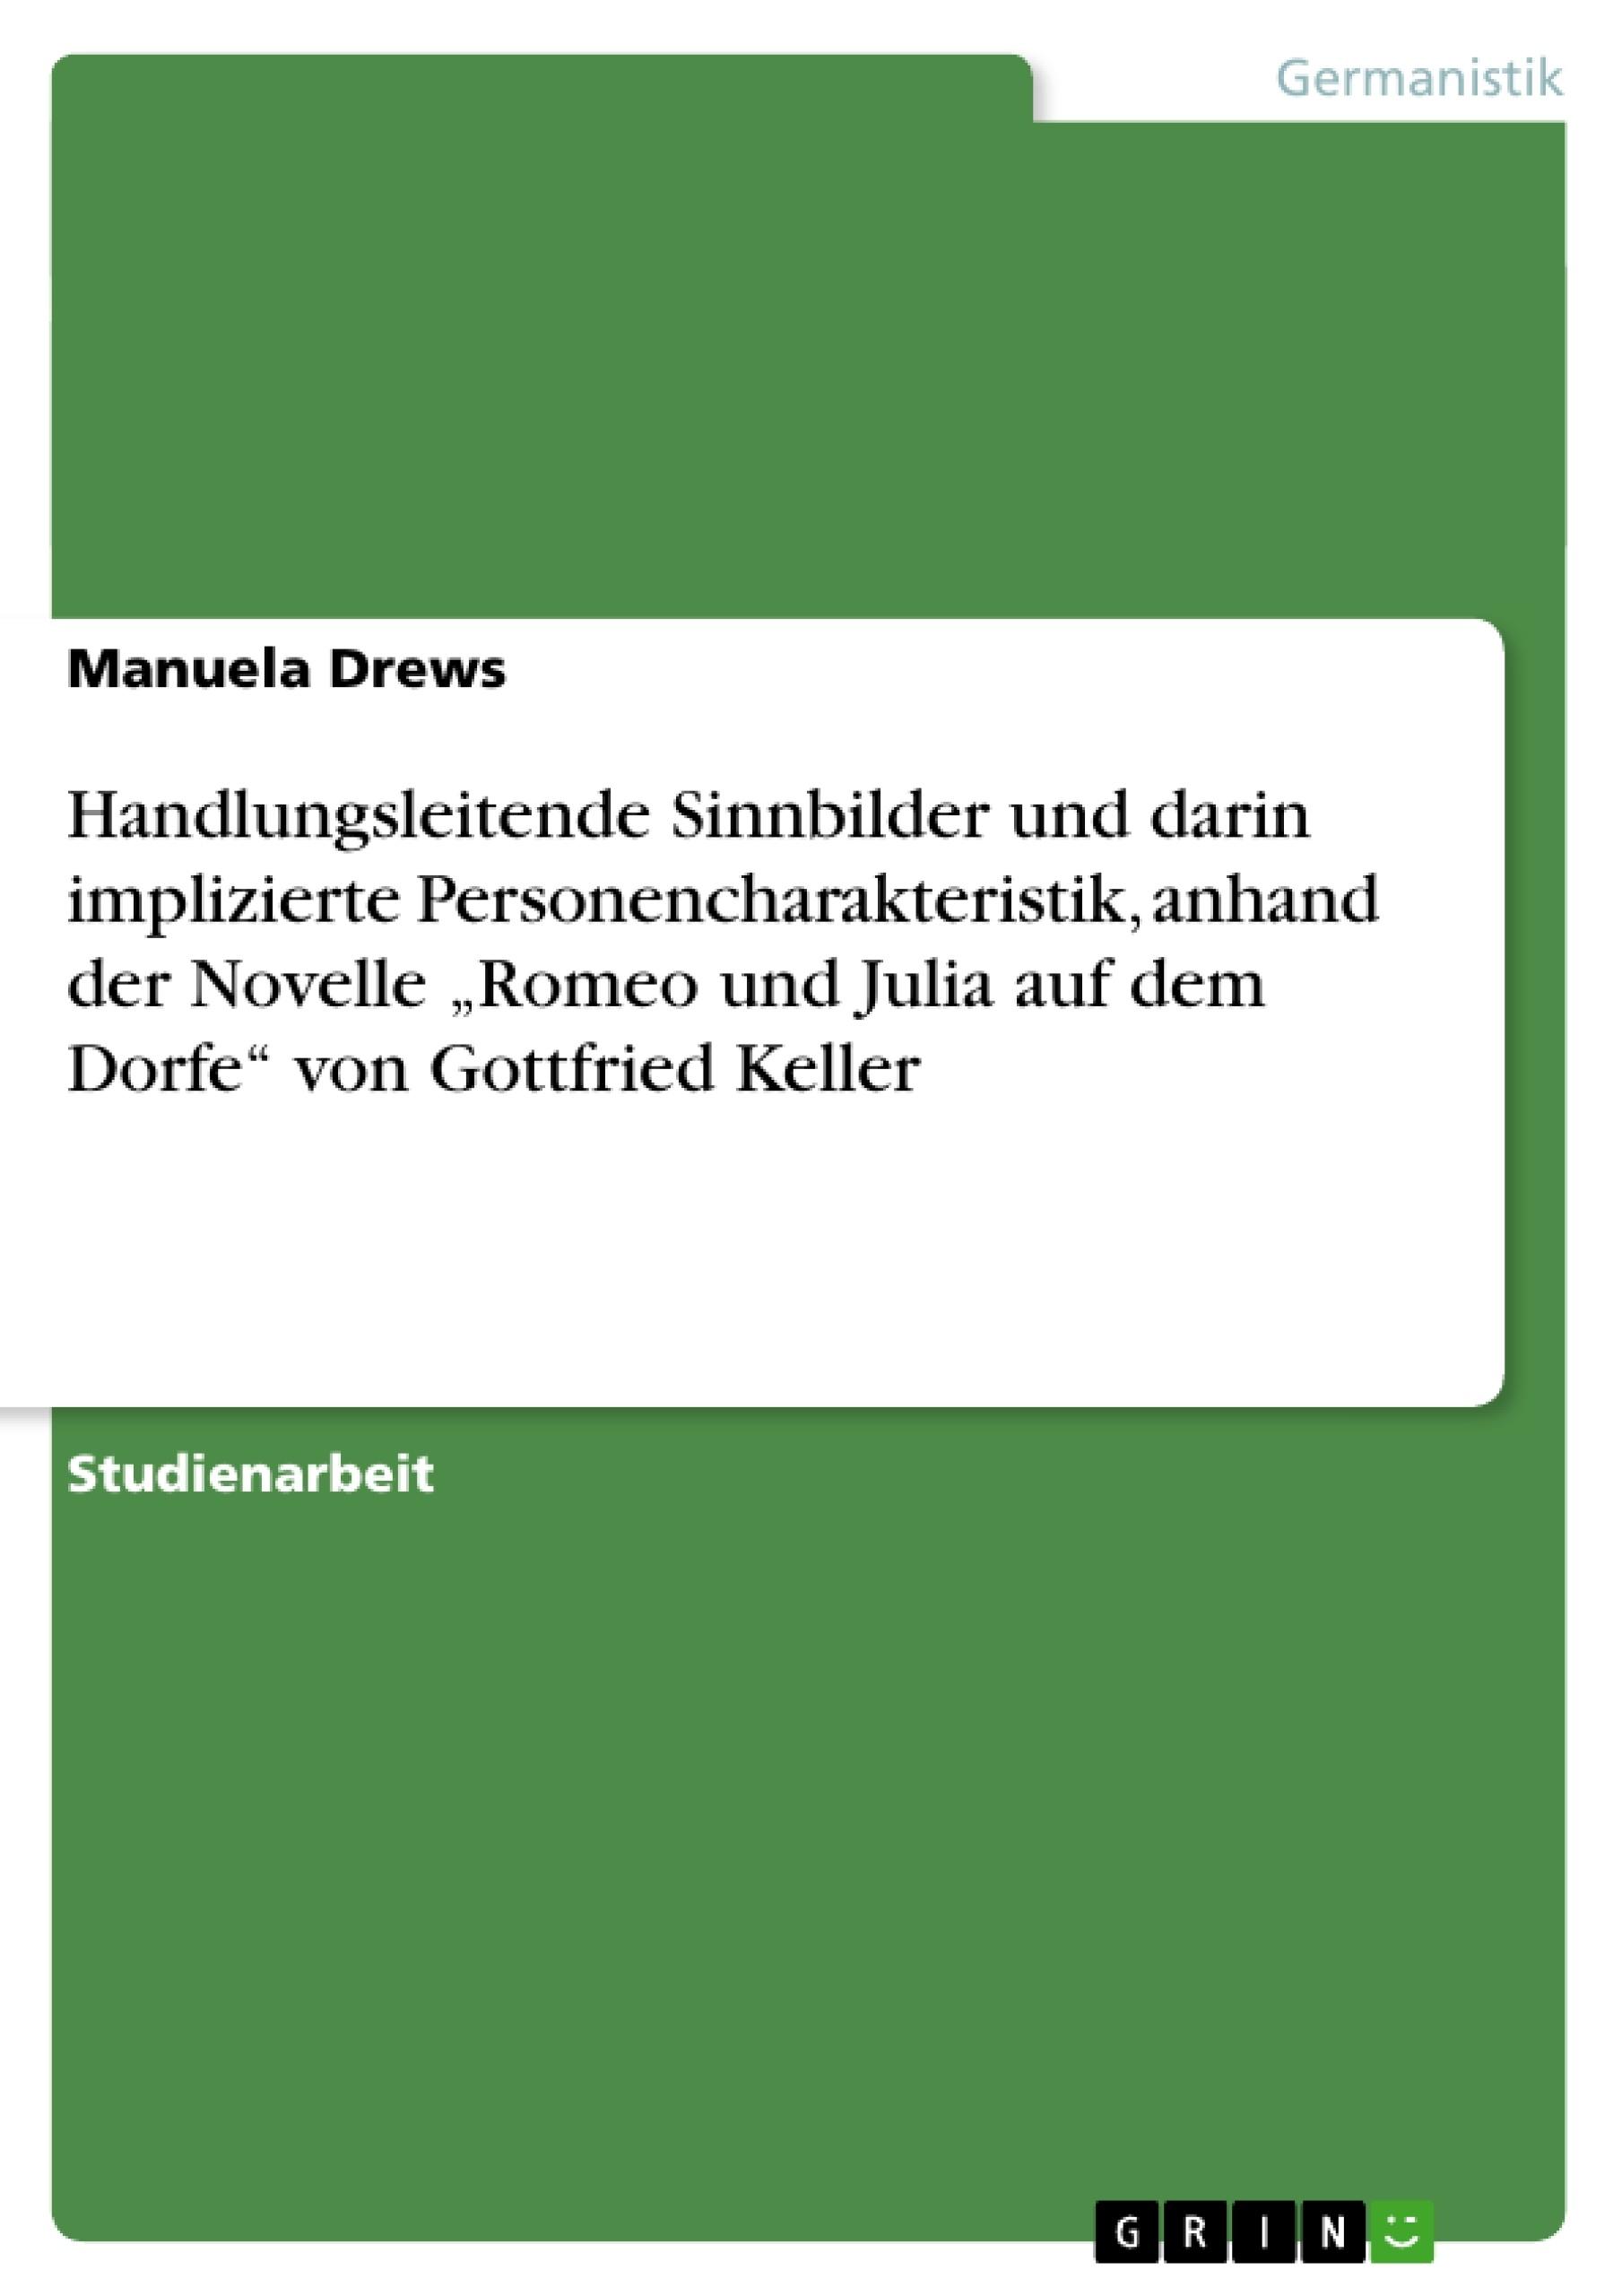 """Titel: Handlungsleitende Sinnbilder und darin implizierte Personencharakteristik, anhand der Novelle """"Romeo und Julia auf dem Dorfe"""" von Gottfried Keller"""